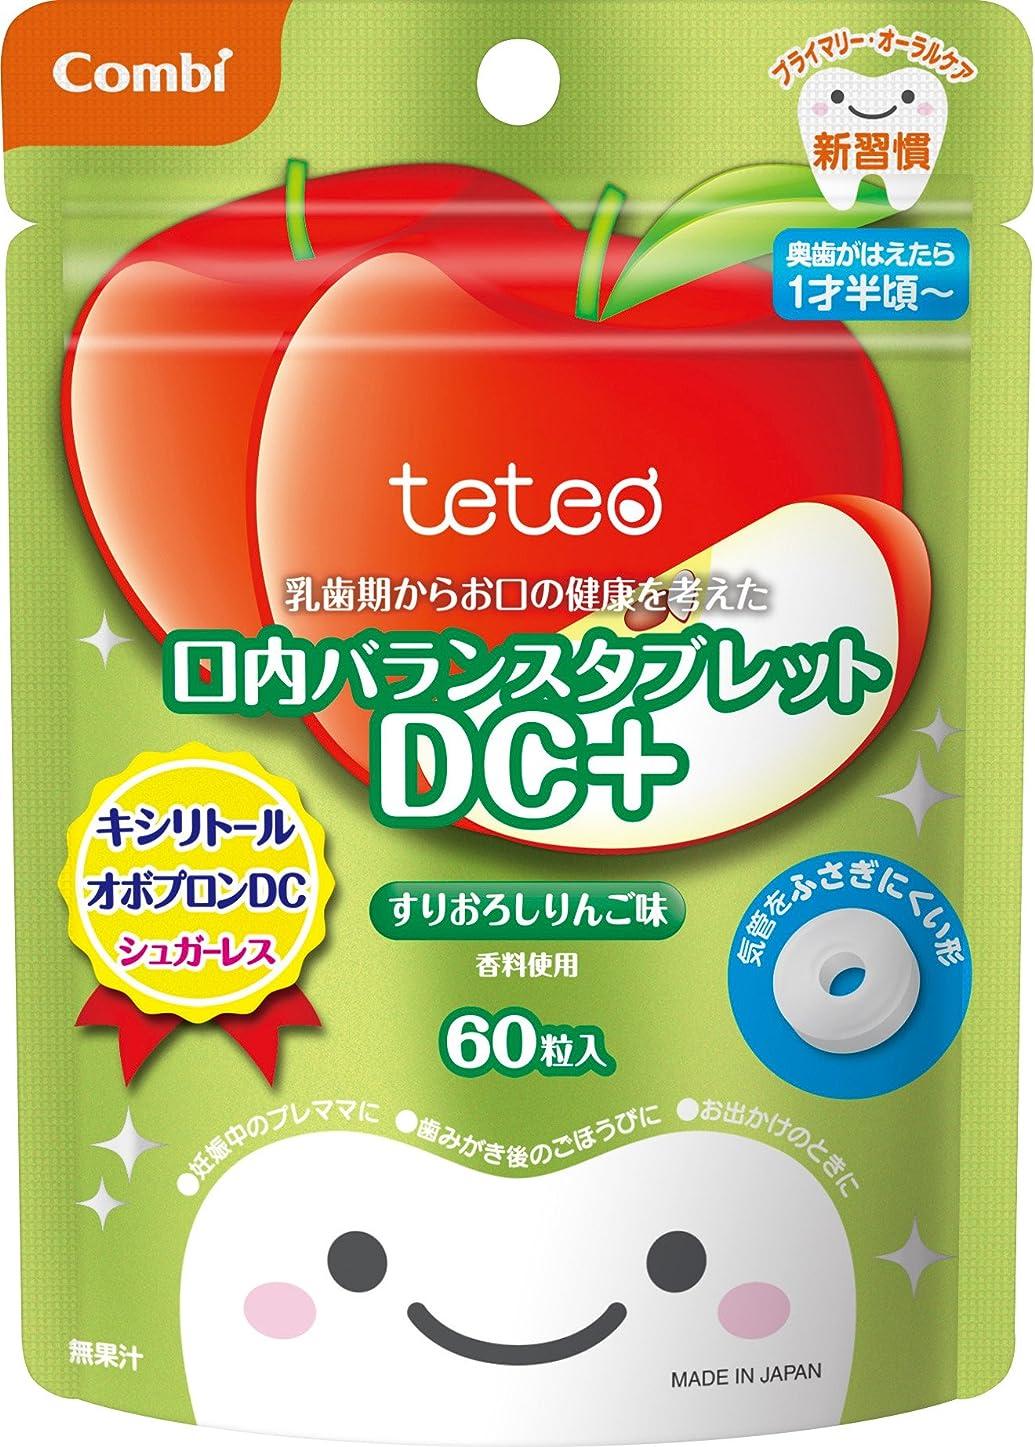 ディンカルビル農奴補足コンビ テテオ 乳歯期からお口の健康を考えた 口内バランスタブレット DC+ すりおろしりんご味 60粒入